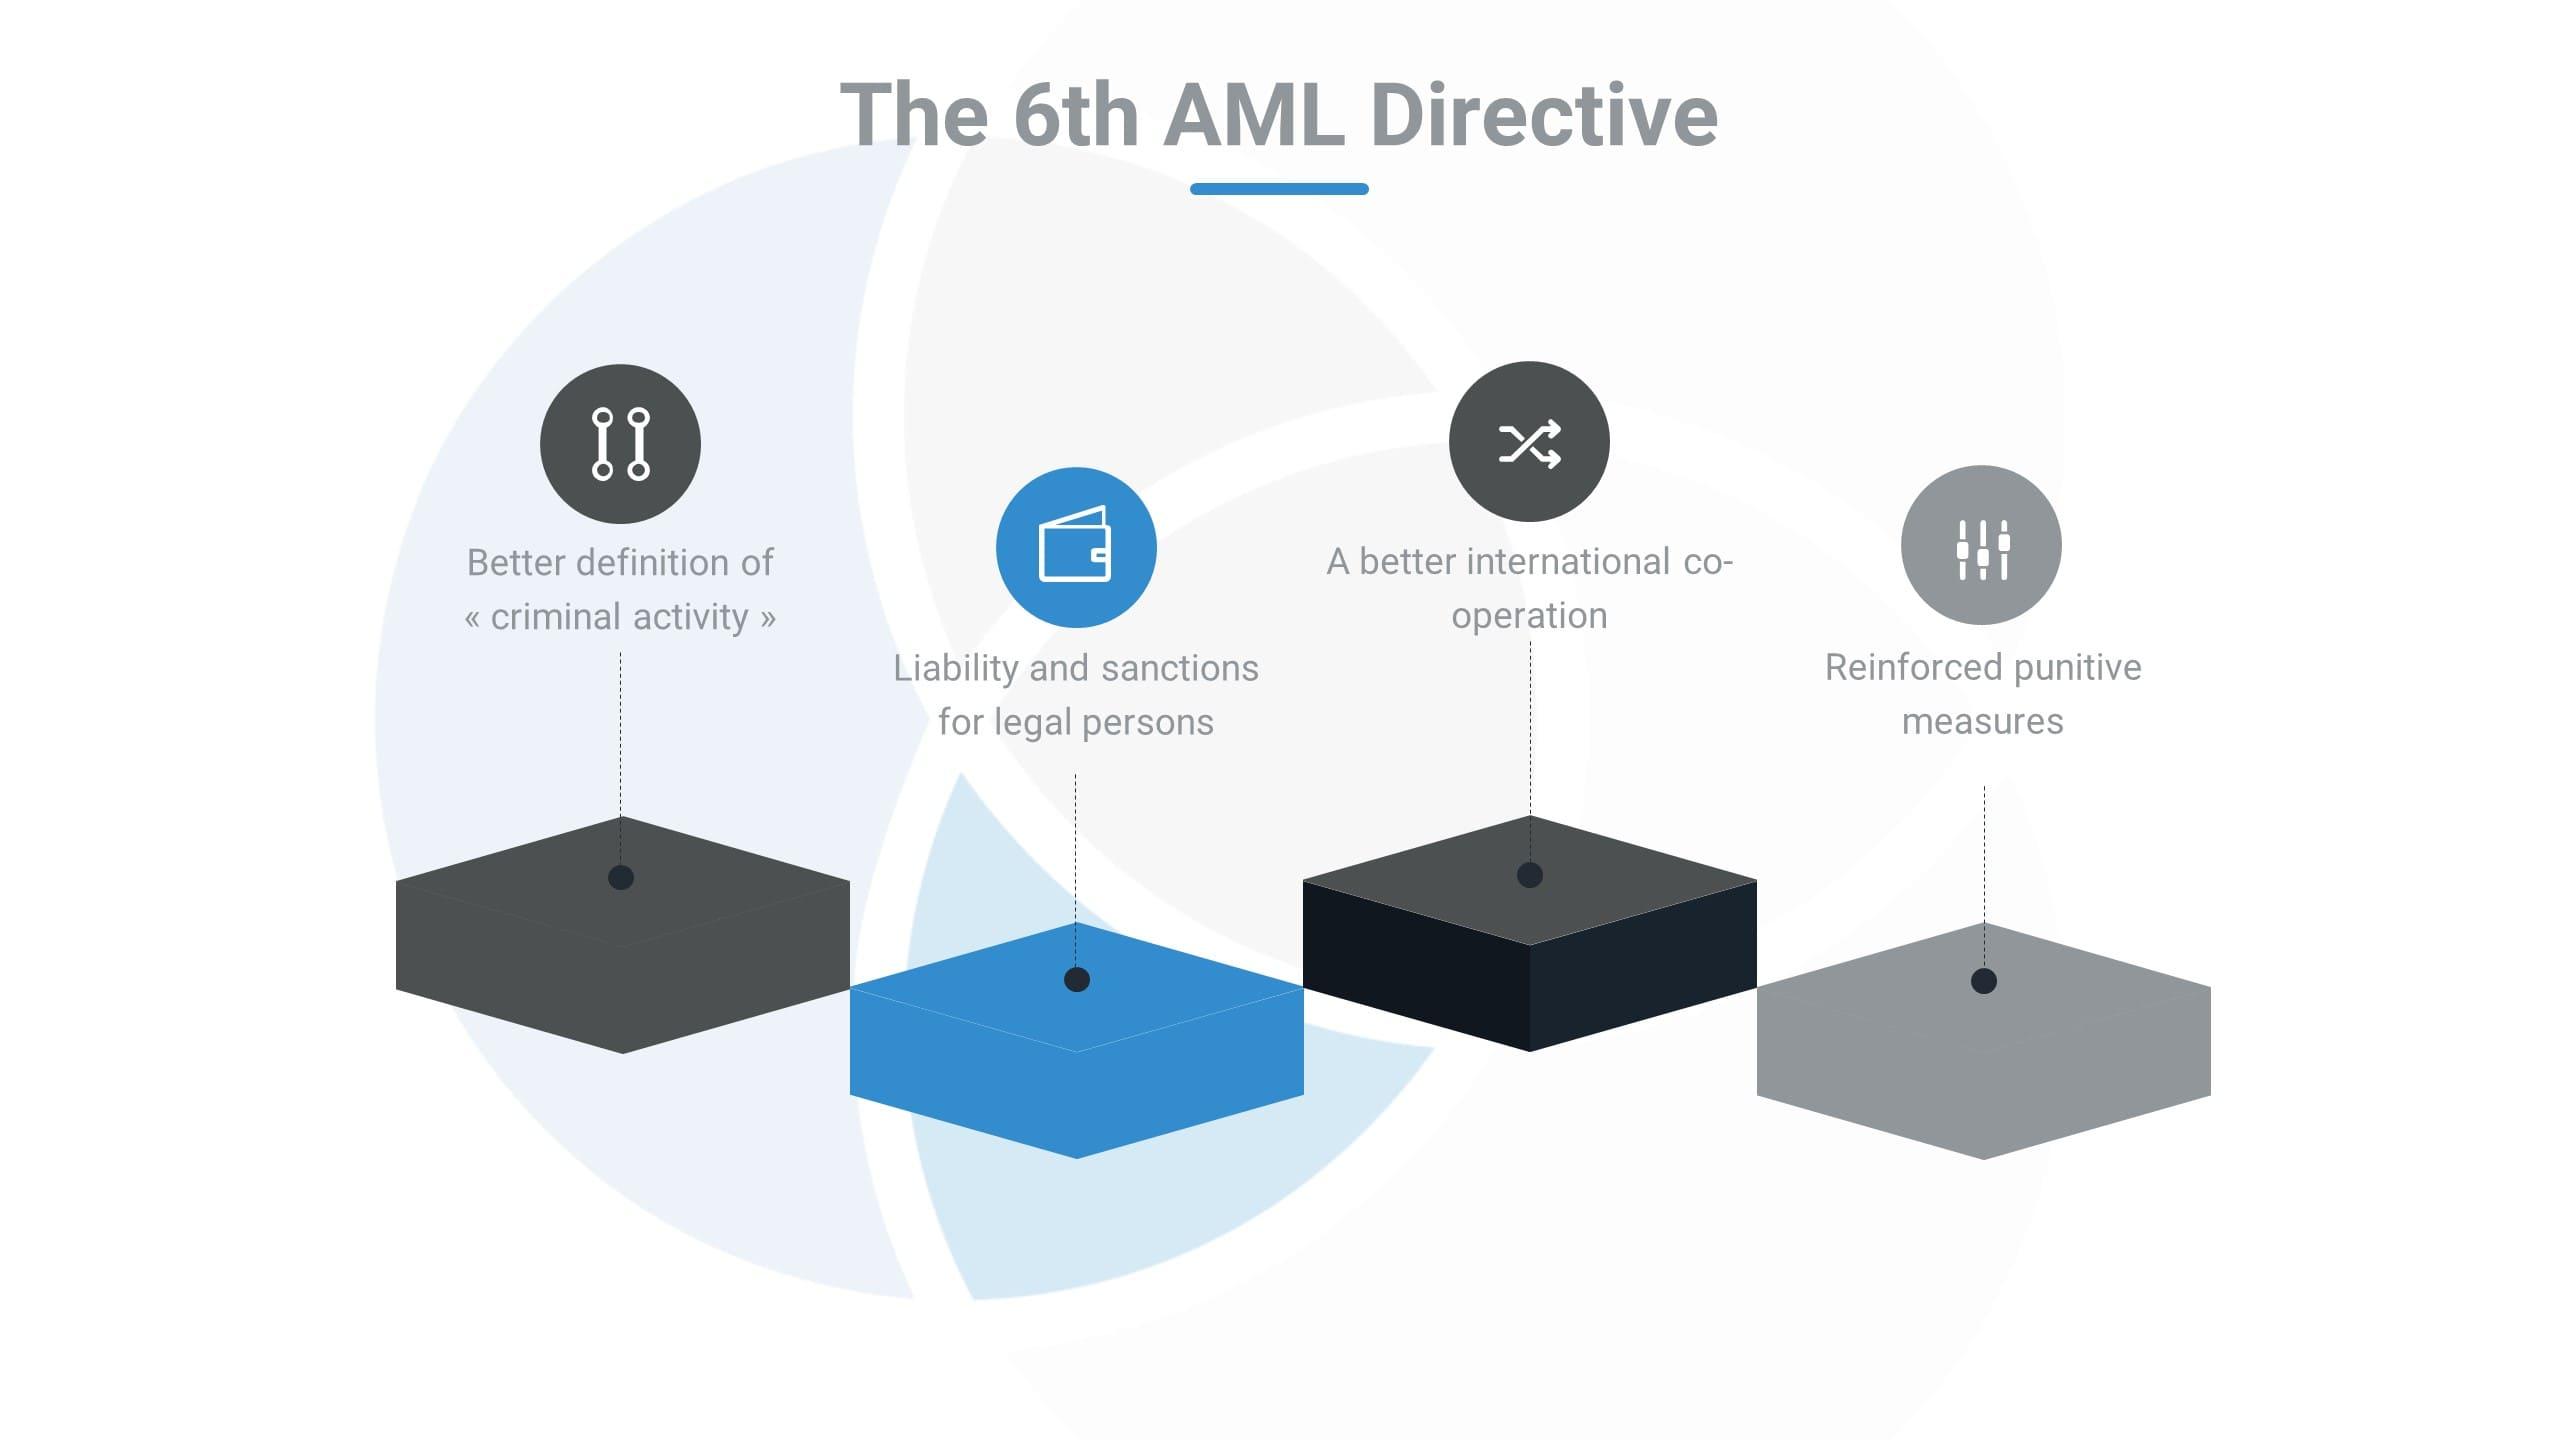 6th AML Directive